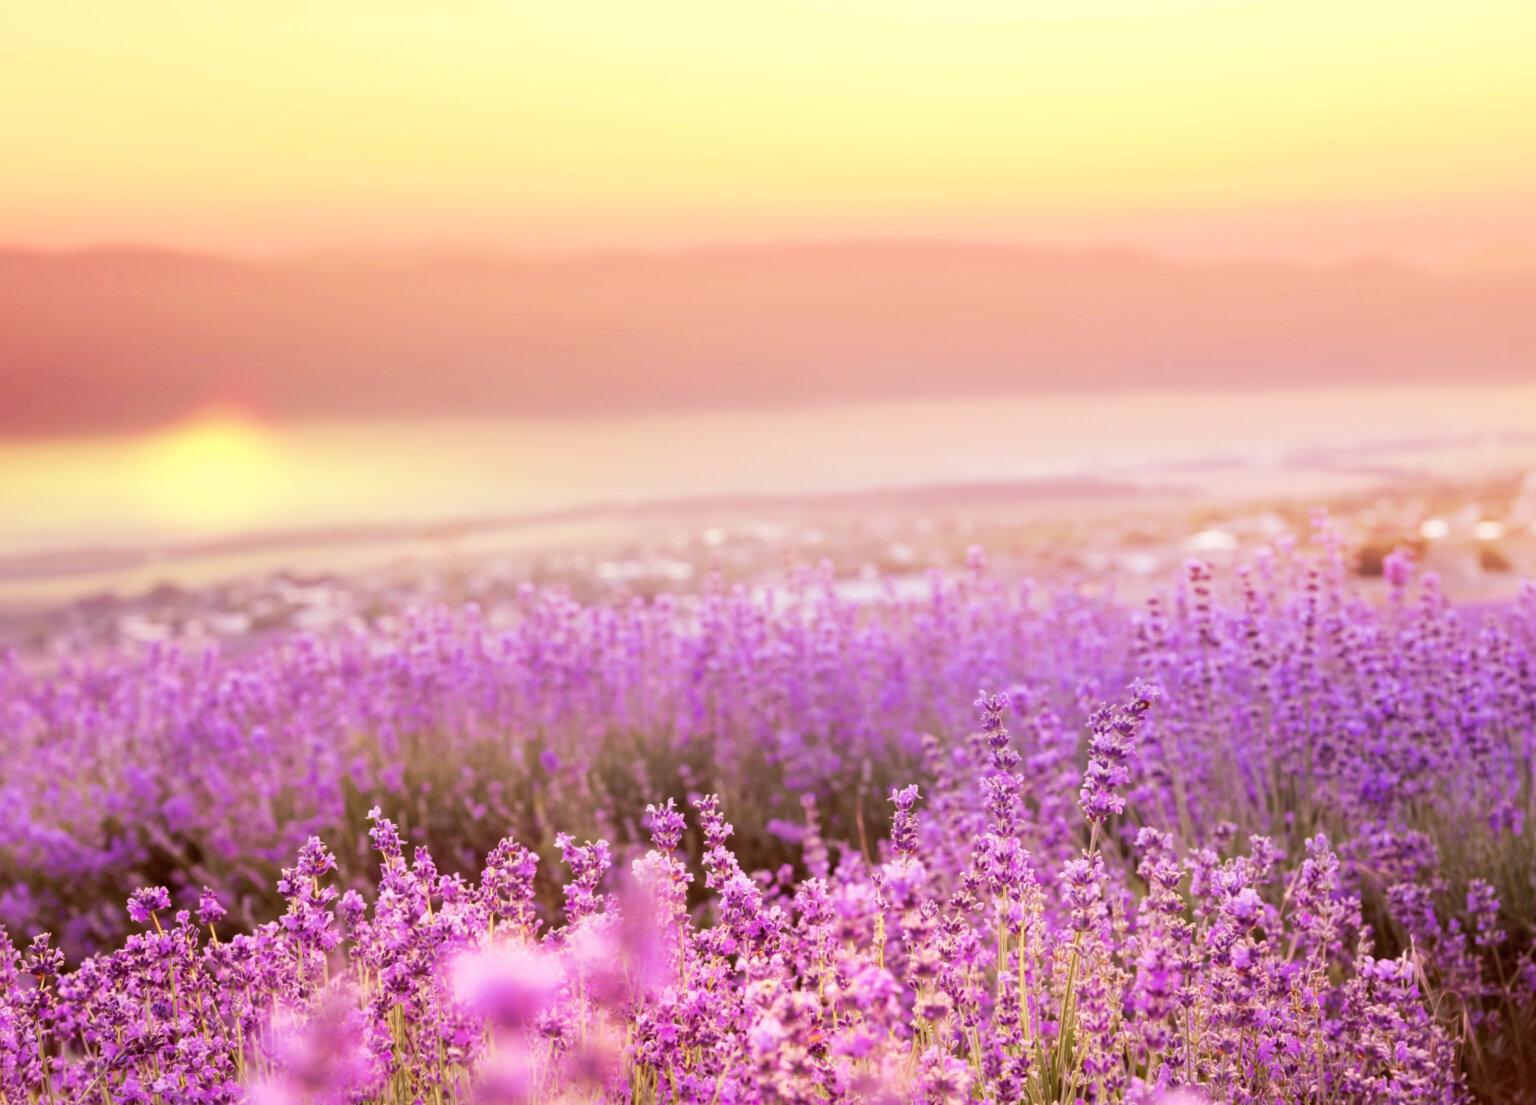 A tudatosság az új illemszabály – a nyári utazások során is!